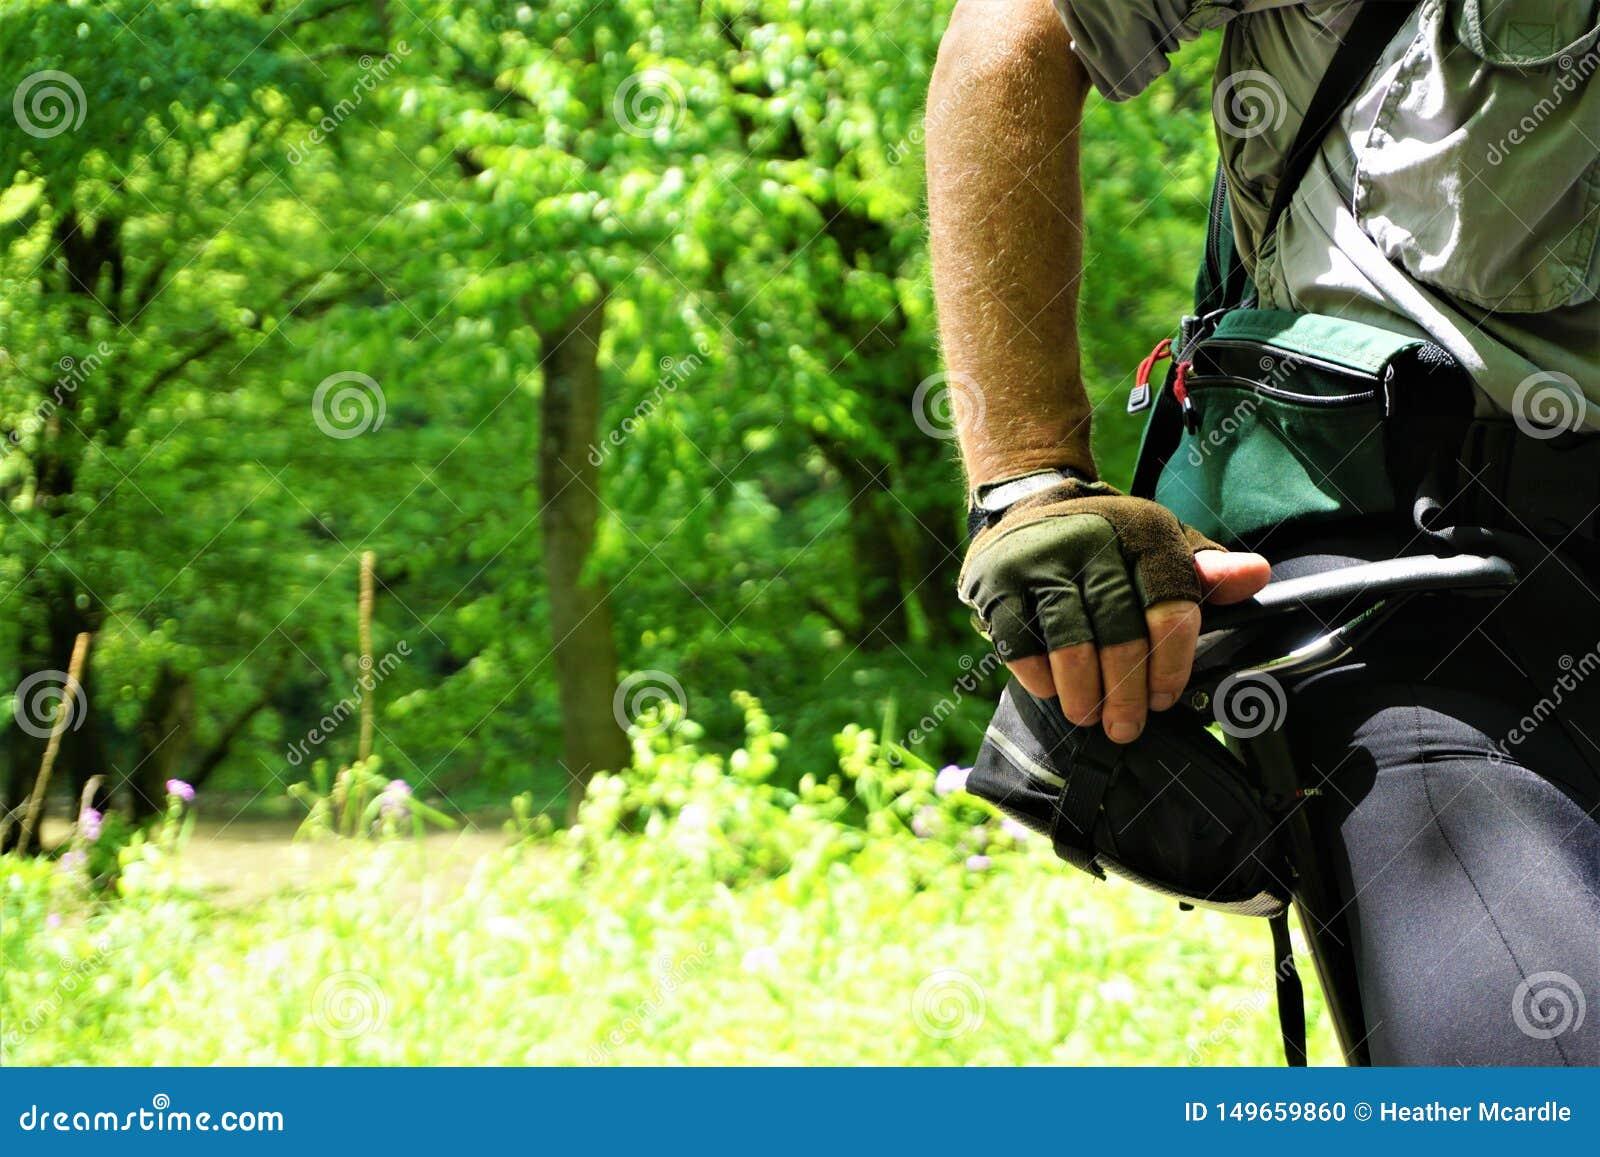 Βέβαιο άτομο σε ετοιμότητα στηργμένος ποδηλάτων στο ισχίο